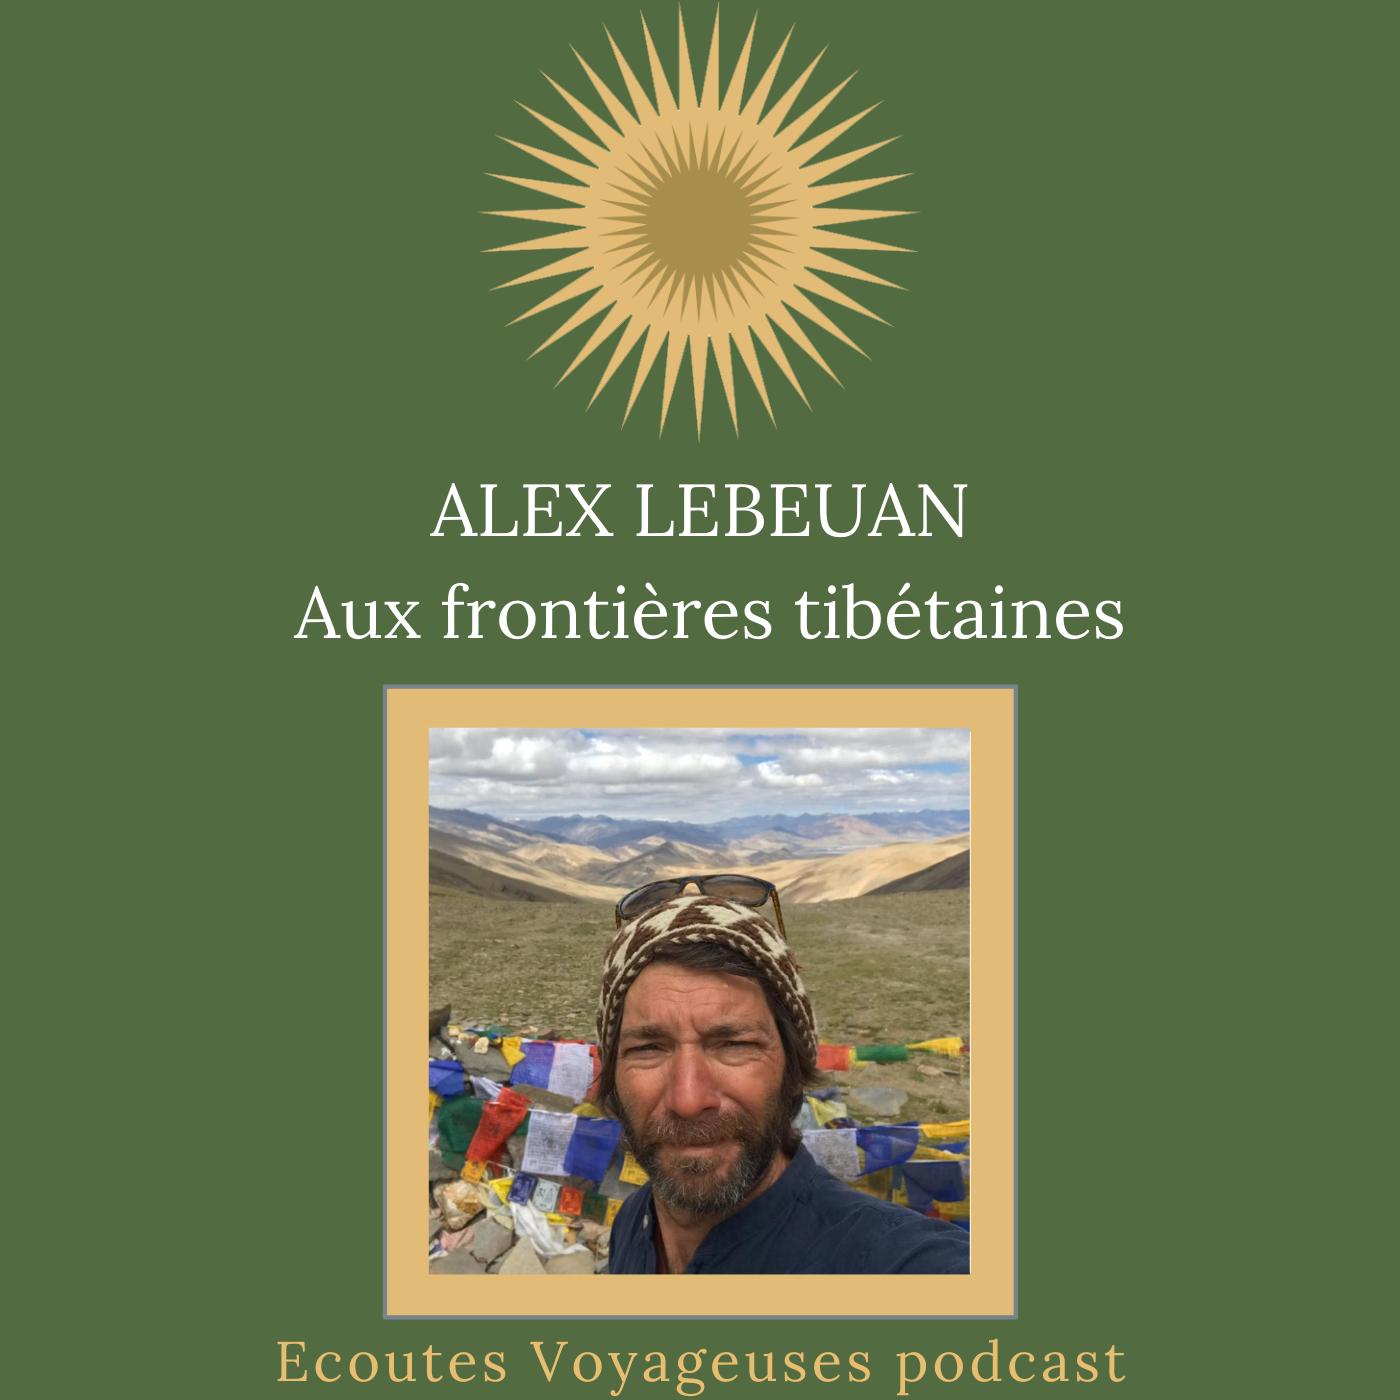 Alex Lebeuan, aux frontières tibétaines